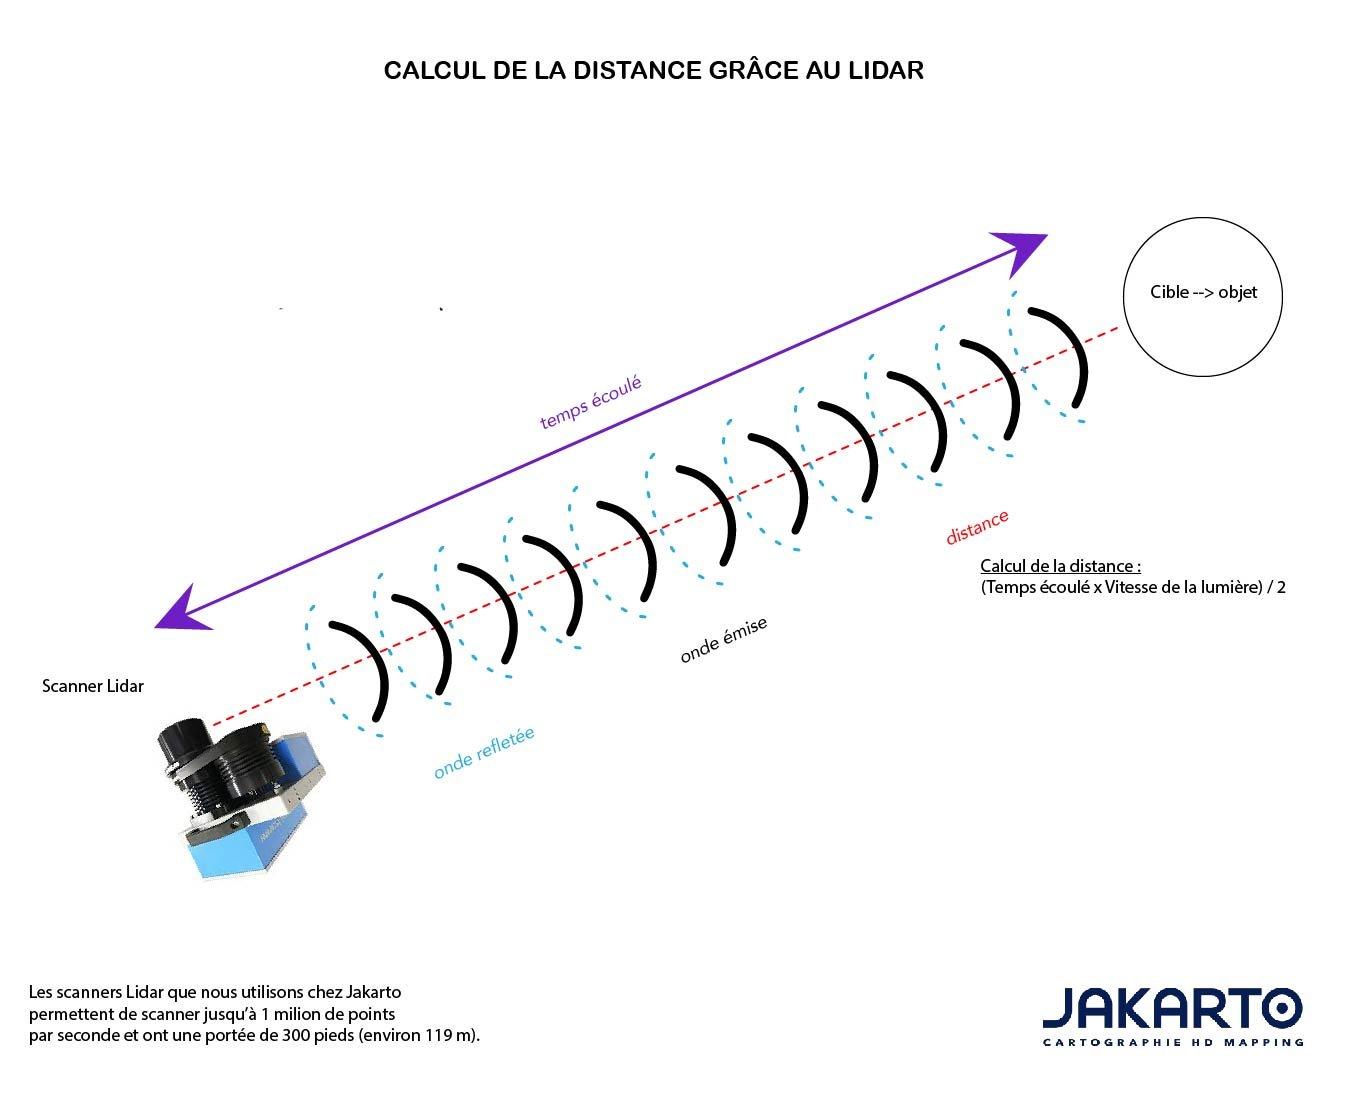 Schéma explicatif de fonctionnement d'un Lidar calcul distance